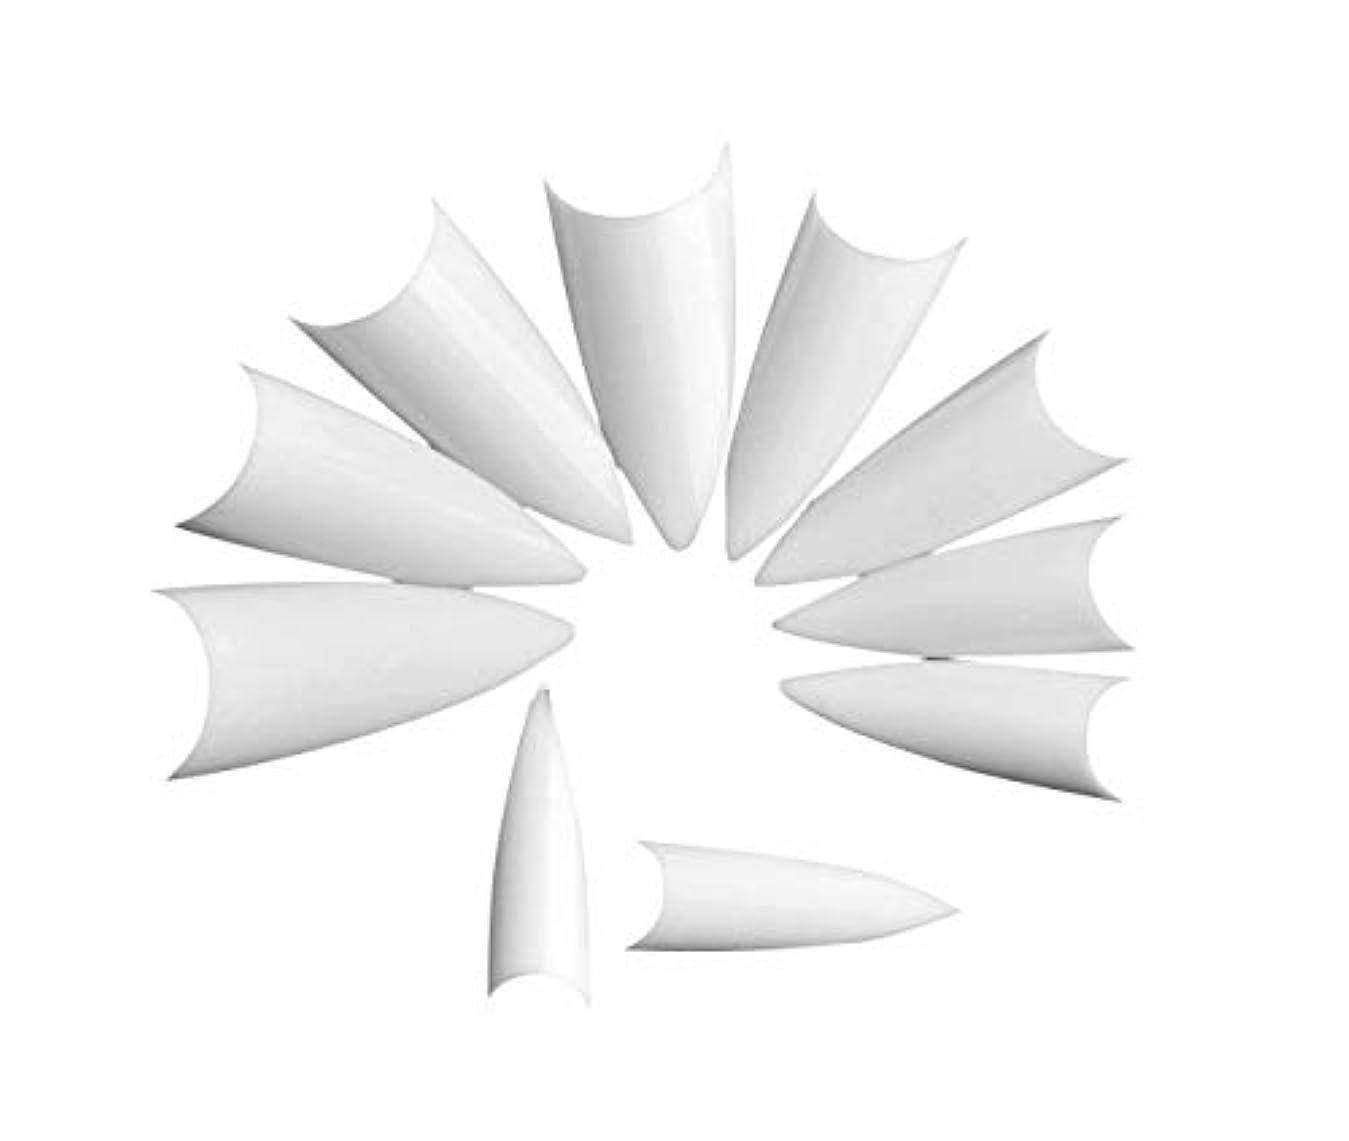 カニデジタル生物学Tianmey フルカバーネイルのヒント女性のための偽の釘ネイルサロンや家庭でのDIYネイルアート用10のサイズ、理想のクリスマスギフトを (Color : White)